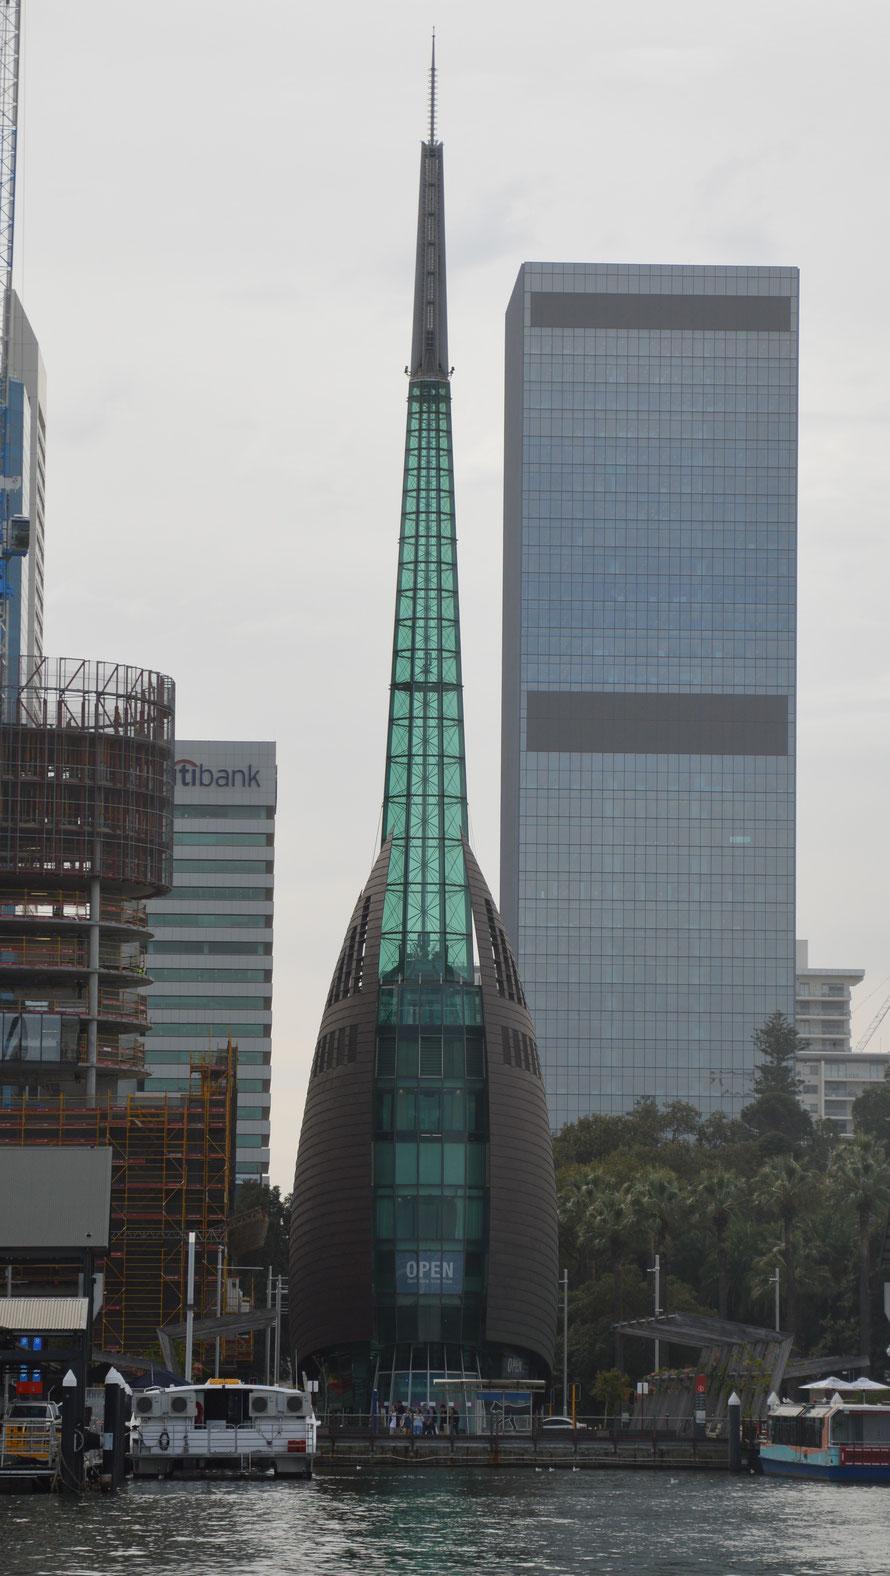 The Bell Tower: da war ich immer noch nicht drin, aber es war die letzten Tage einfach zu schön um irgendwo drinnen was anzuschauen. Das steht dann bei meiner Rückkehr auf dem Programm.